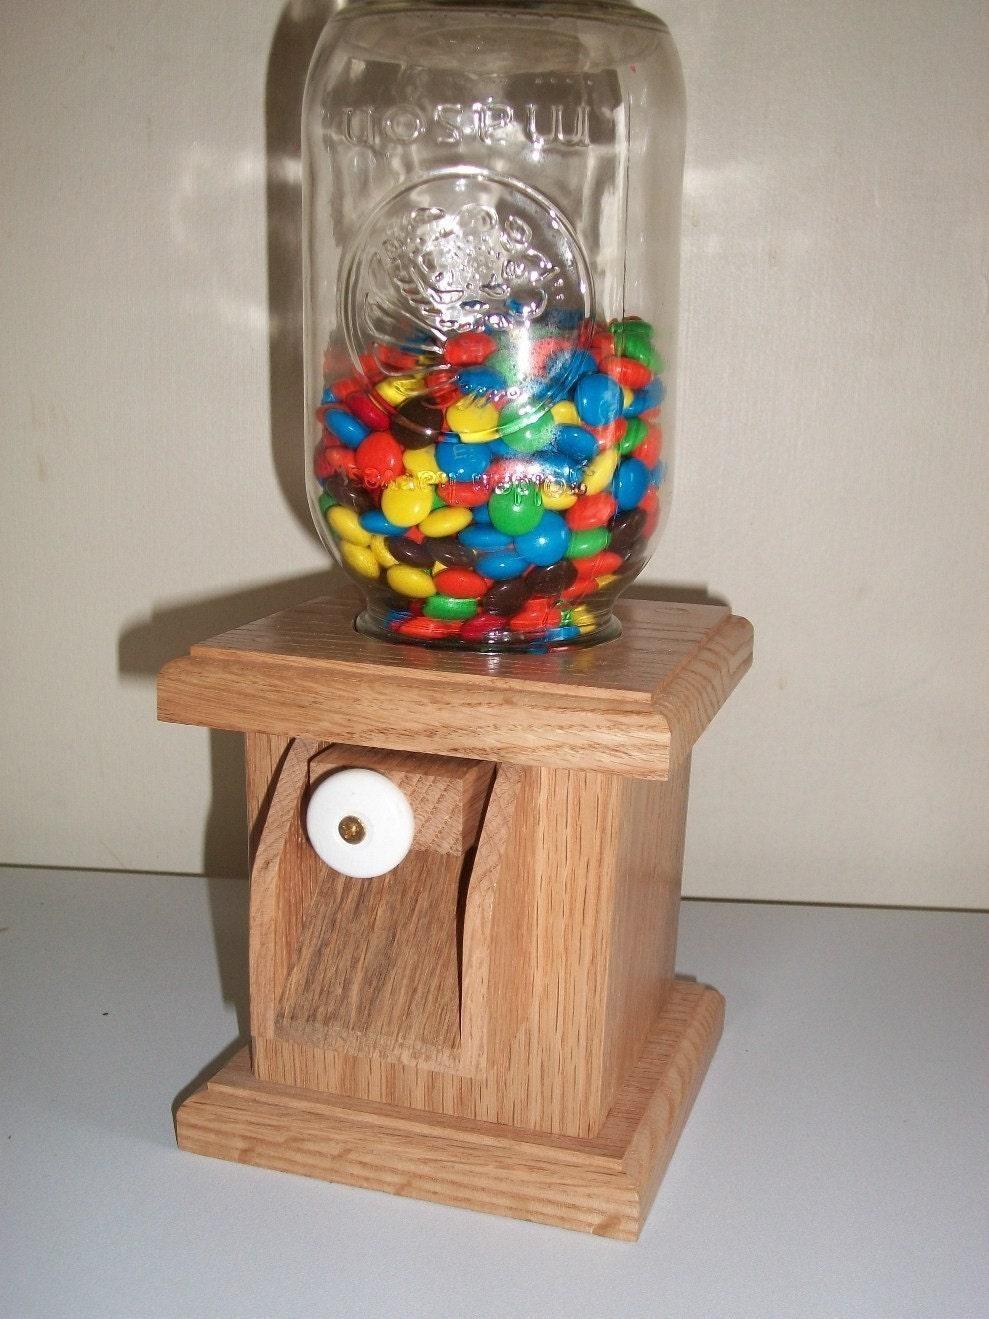 Solid Hardwood Candy Dispenser by madisonwoodsmith on Etsy